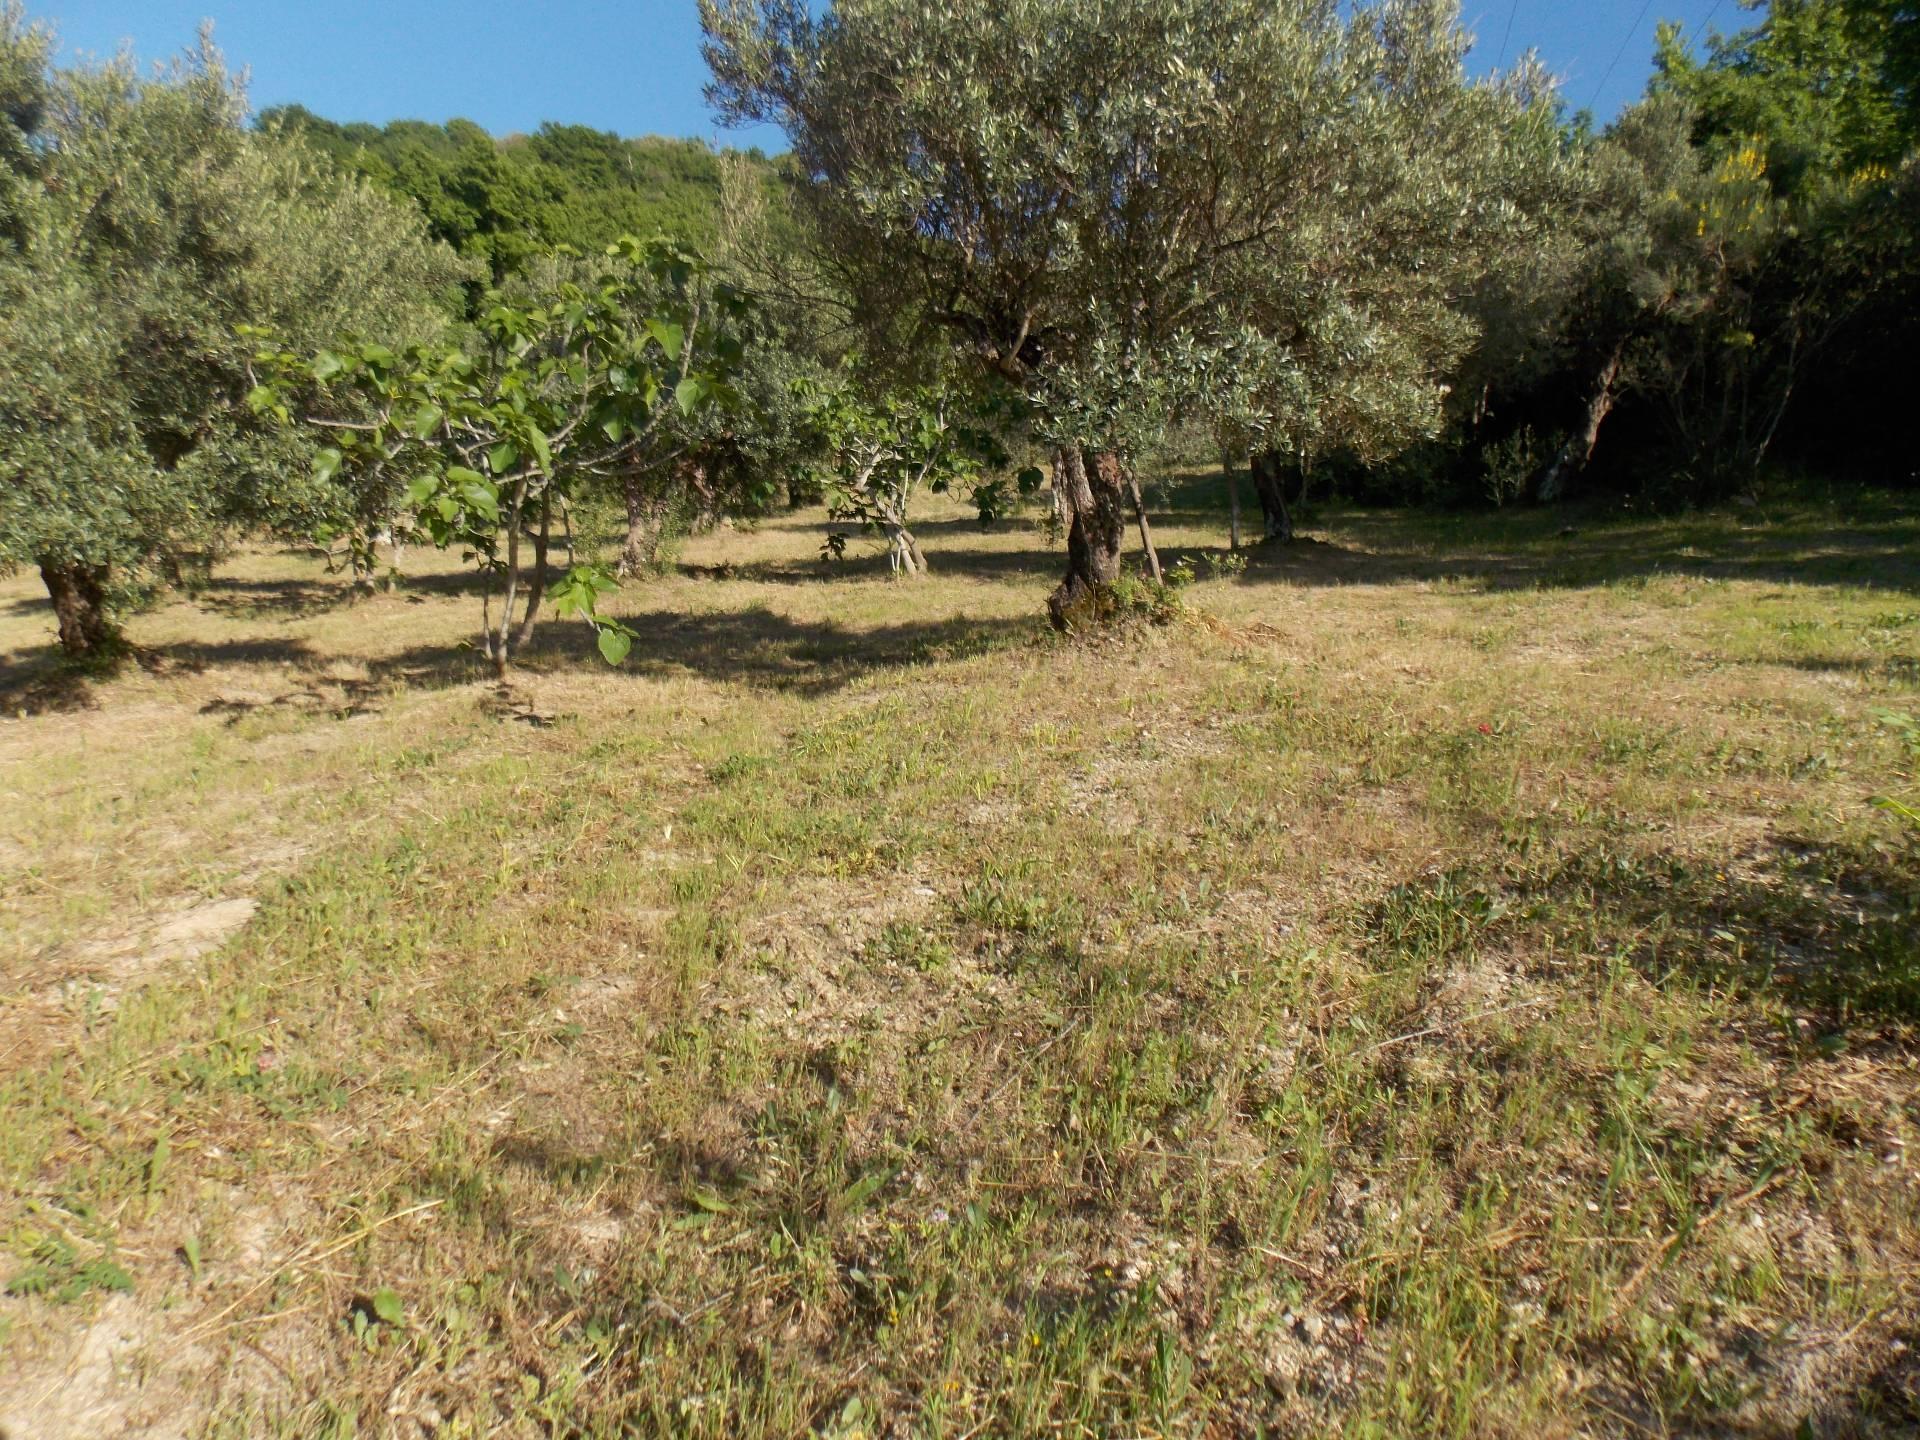 Terreno Agricolo in vendita a Torchiara, 9999 locali, prezzo € 75.000   CambioCasa.it